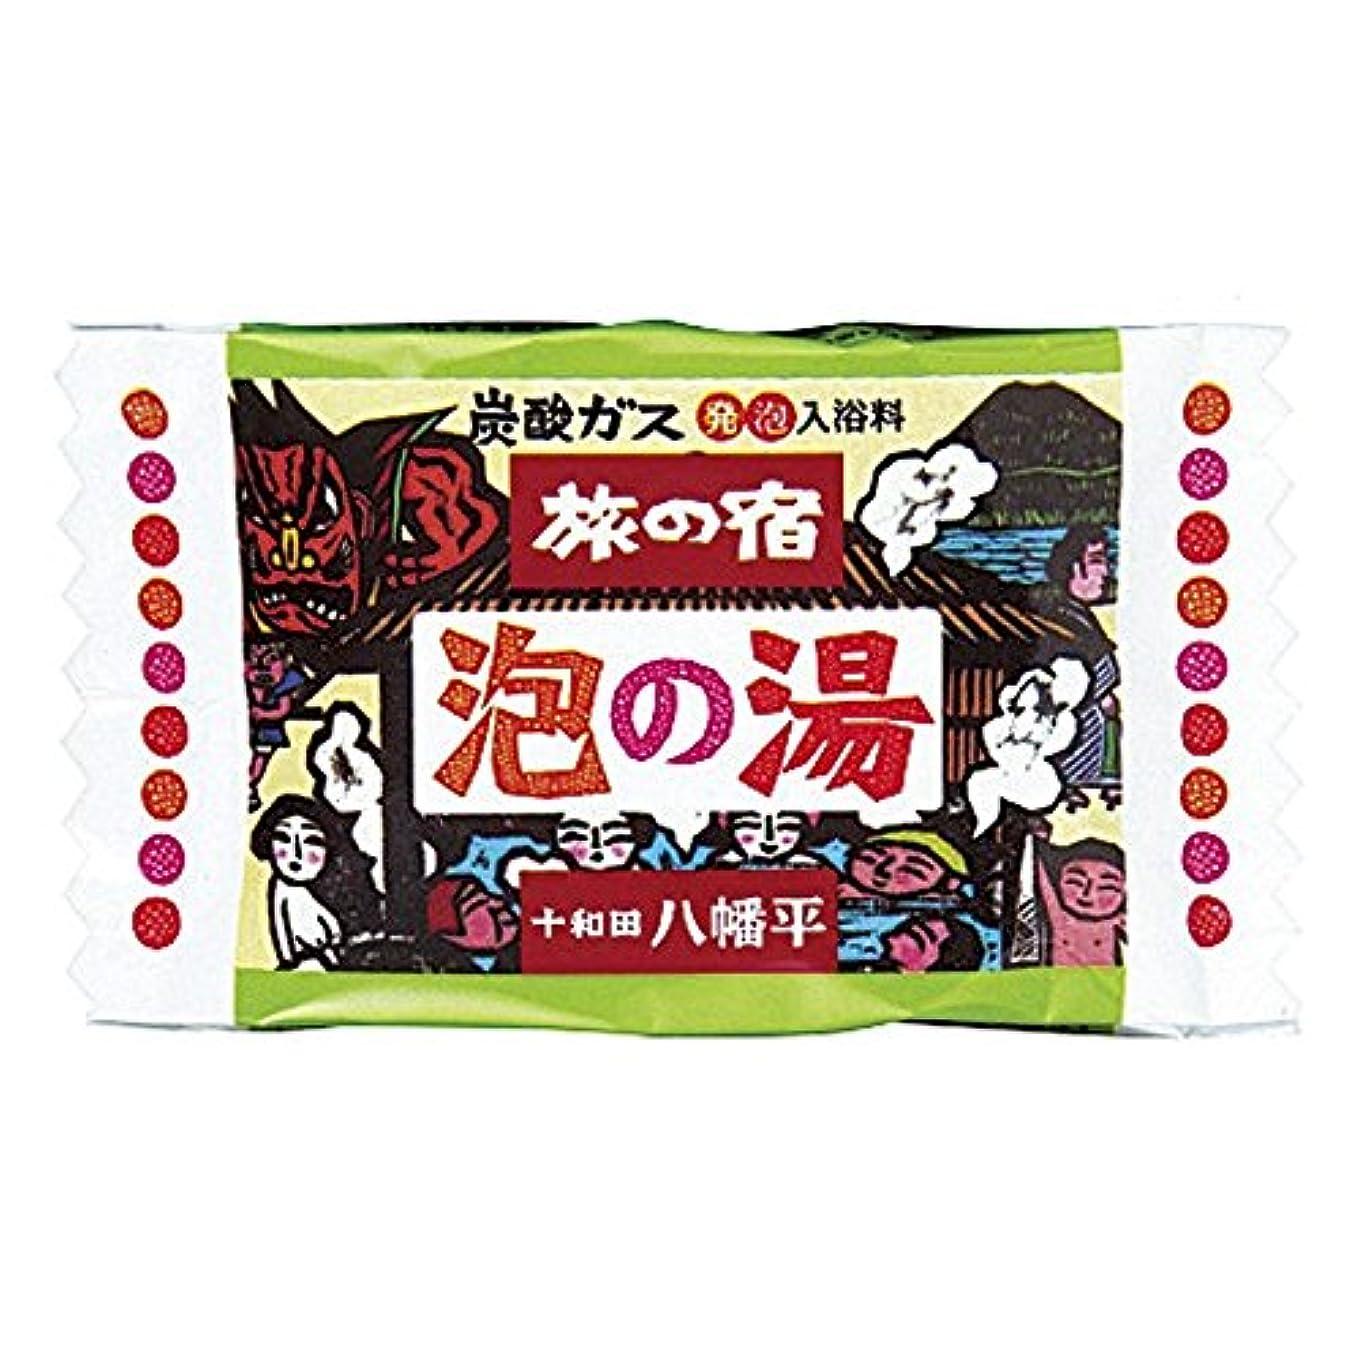 クラシエ 旅の宿 (泡)1P 十和田八幡平 82439 (B529-05)